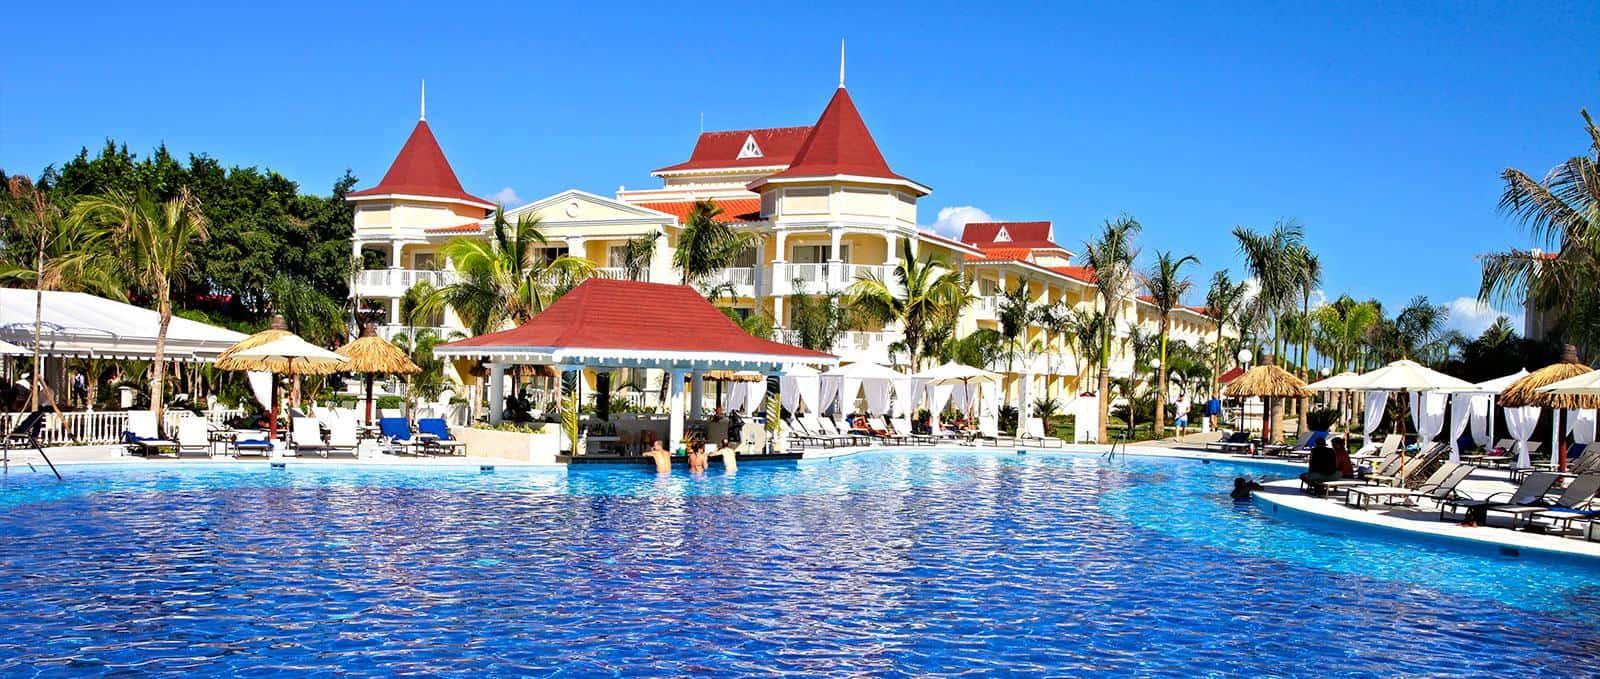 Hoteles En La Romana Todo Incluido